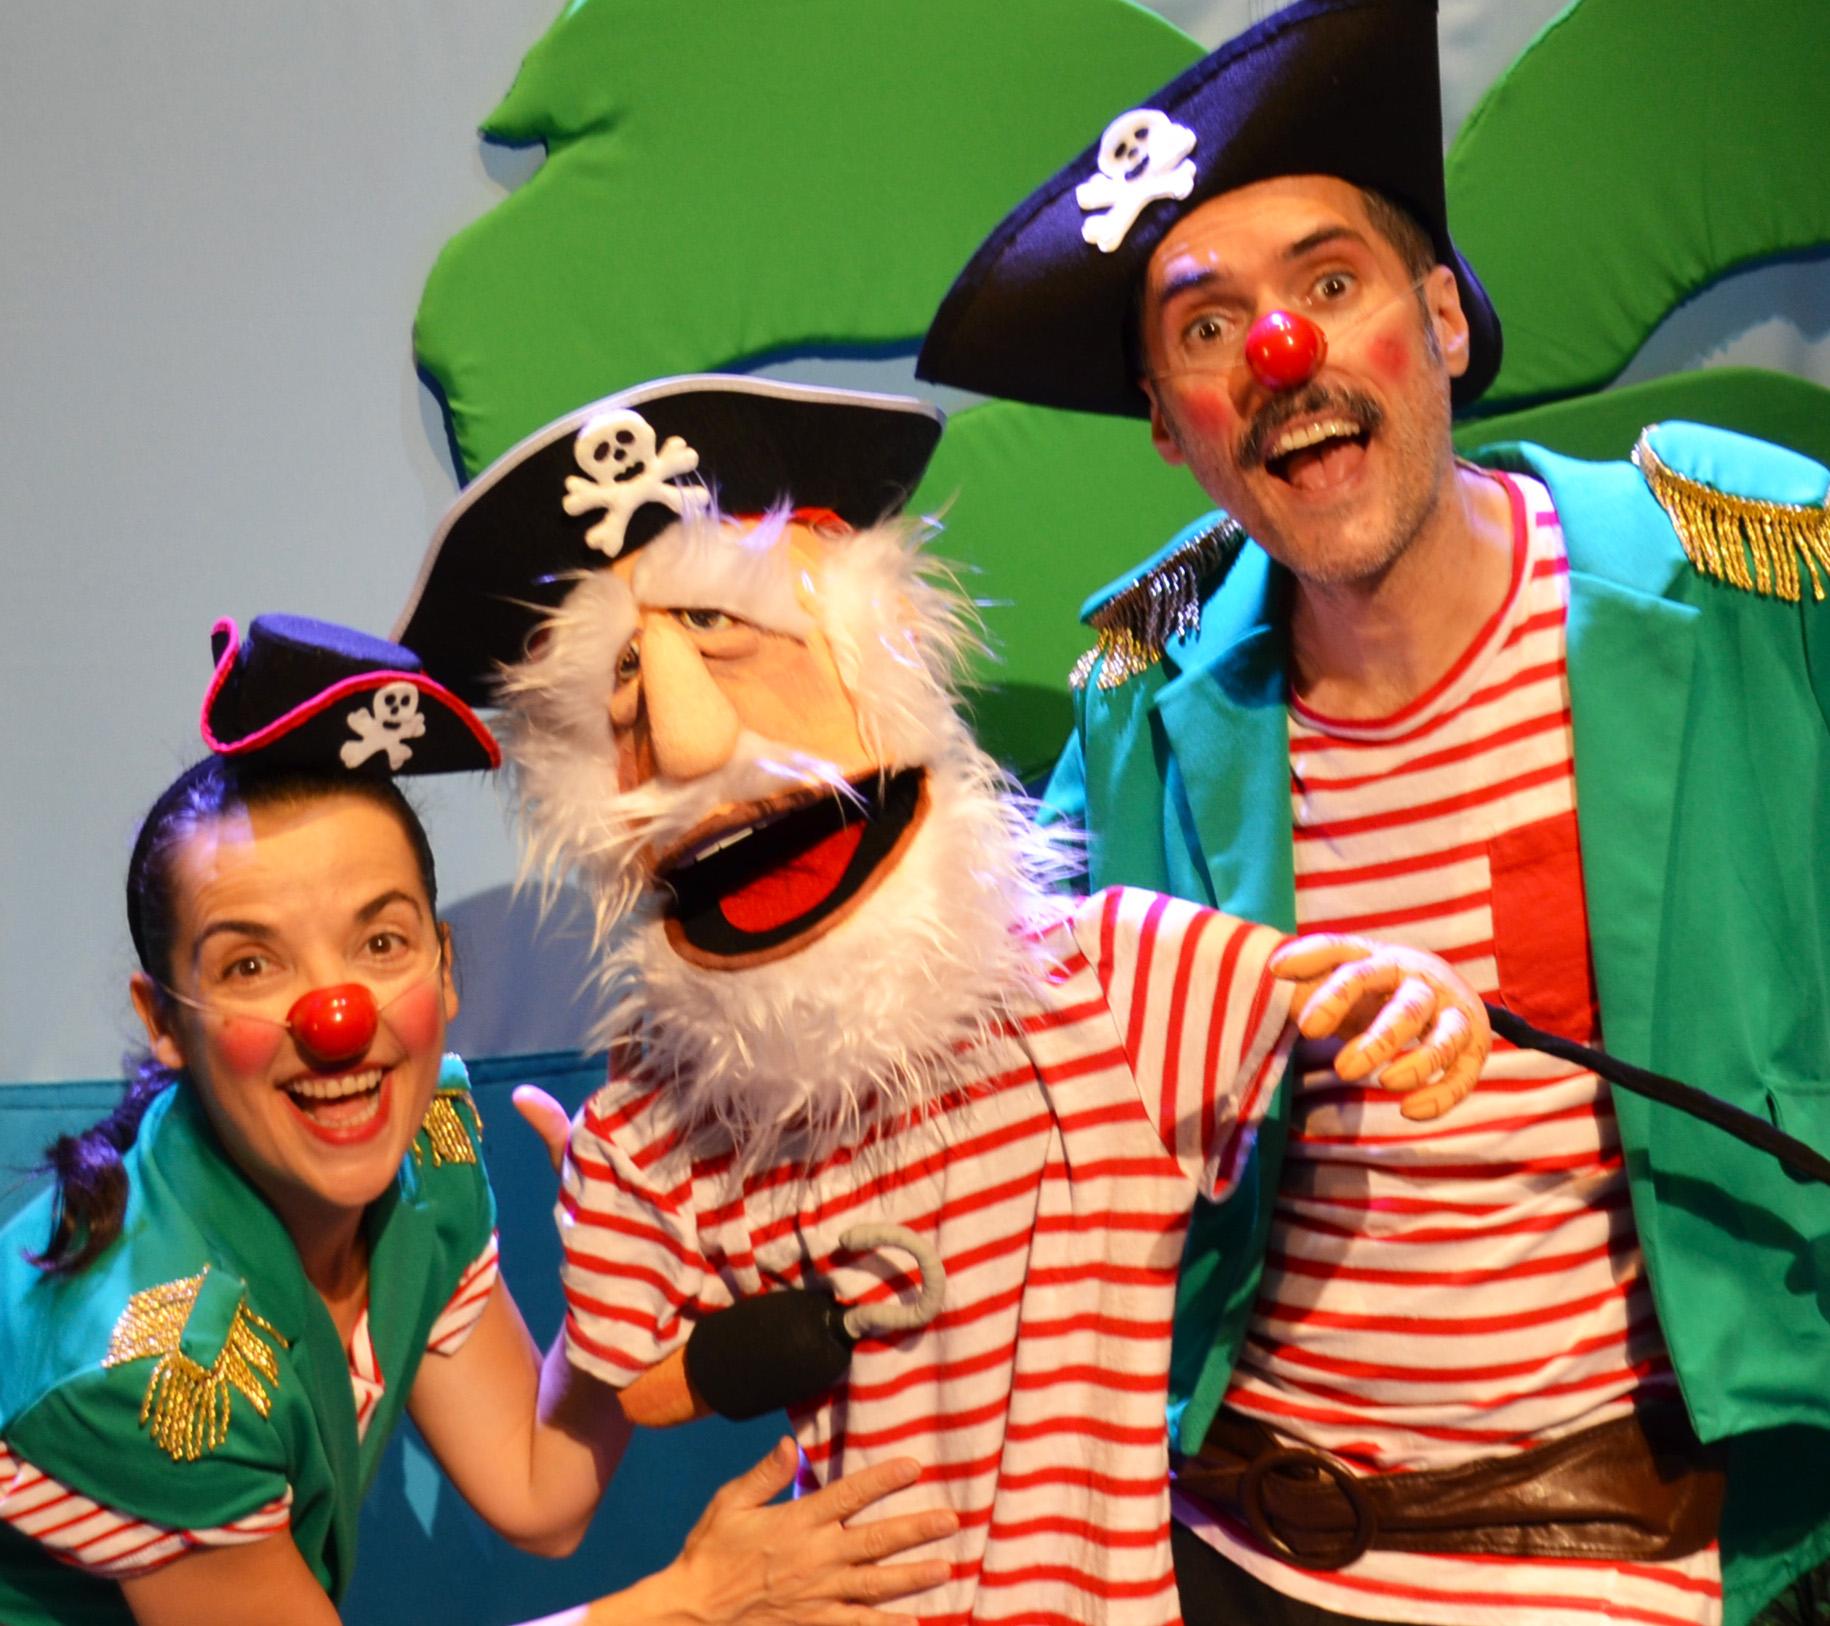 imagen del espectáculo - La Panda Pirata